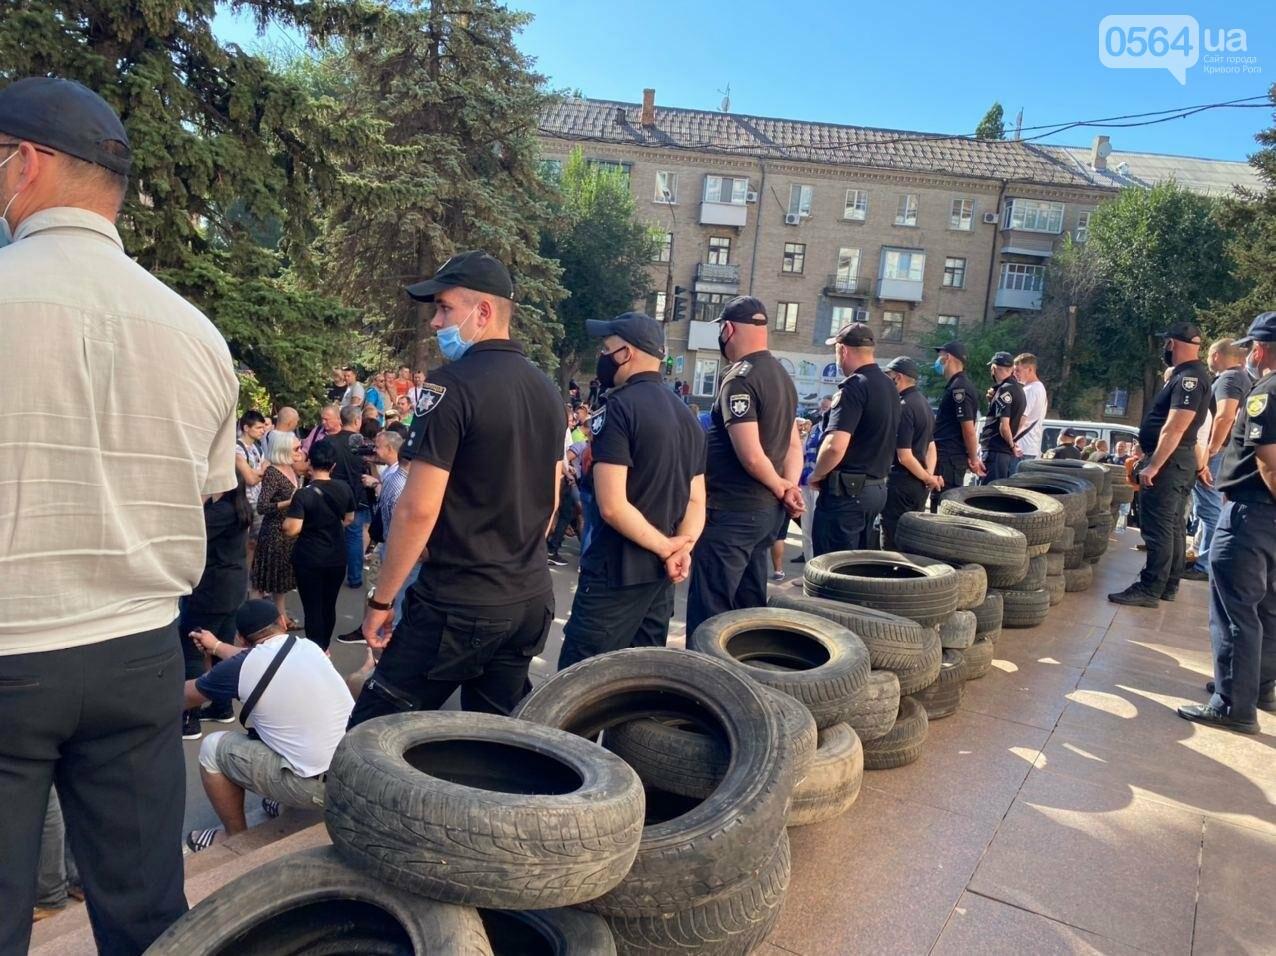 Отмолчаться не получится: у входа в админздание КЖРК проходит массовый митинг, на ступеньках сложены шины,  - ФОТО, ВИДЕО, фото-21